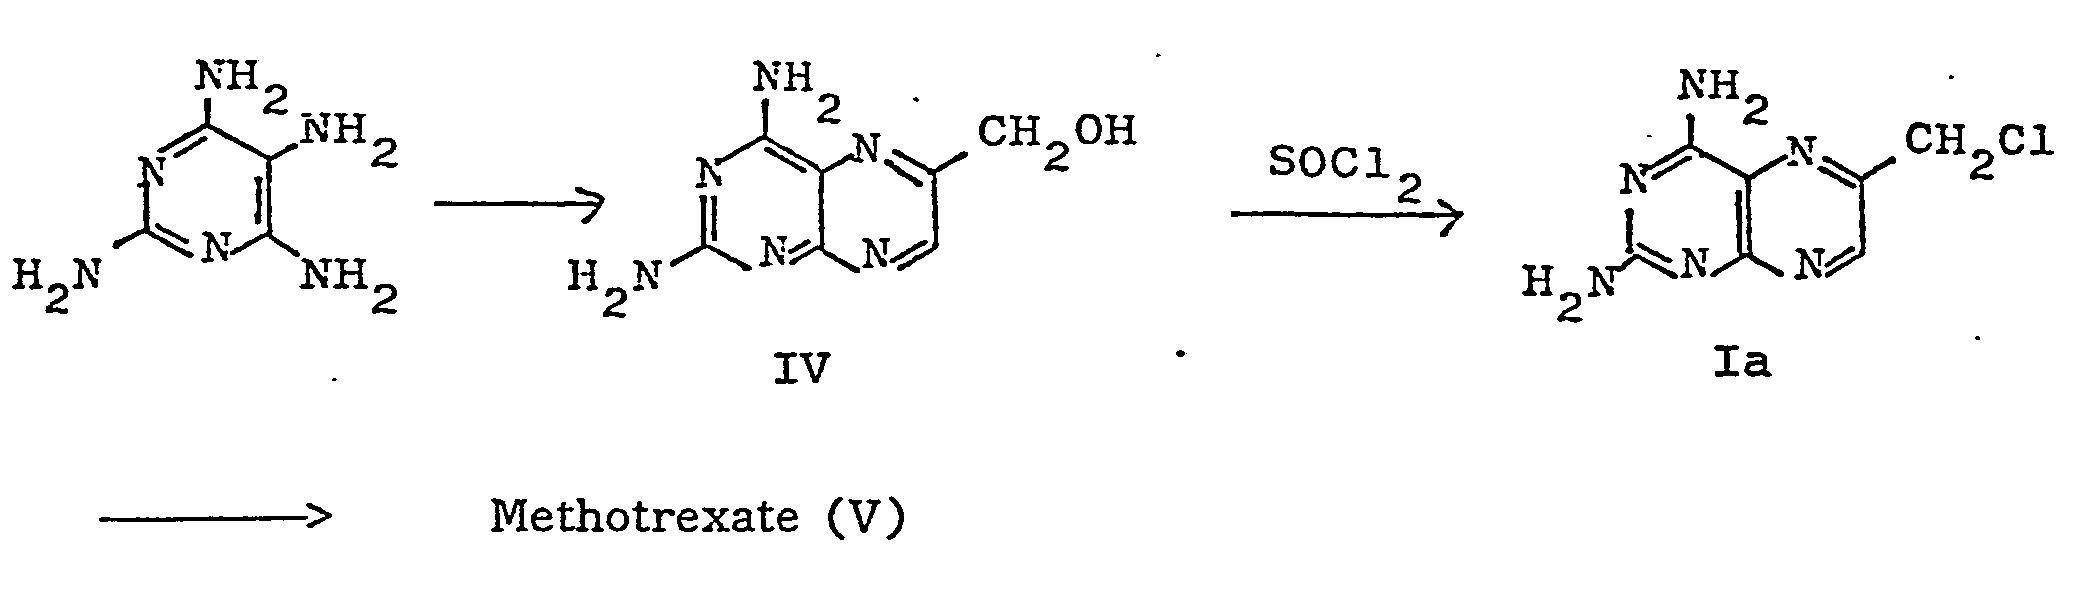 irbesartan-hydrochlorothiazide used for